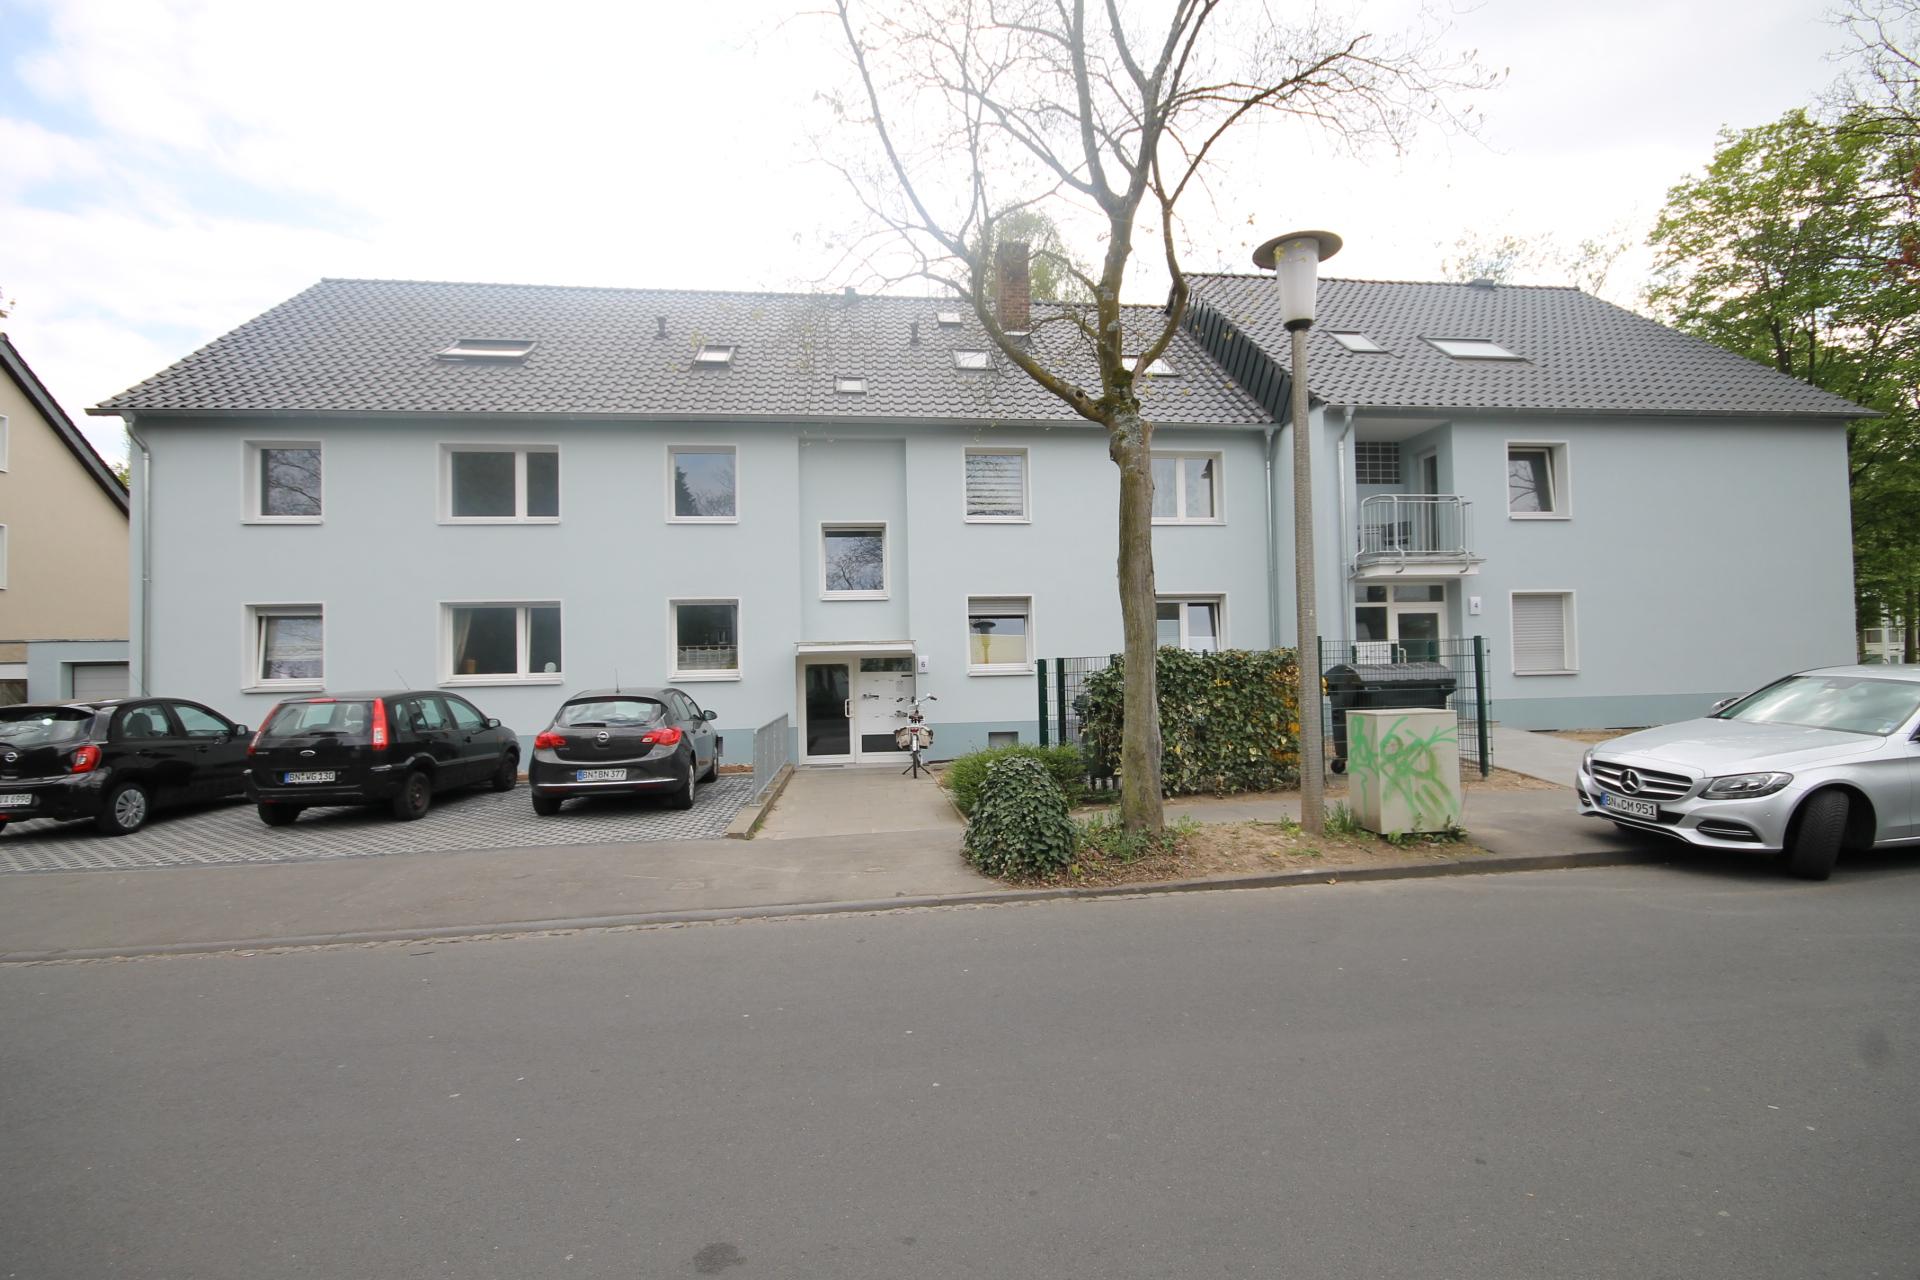 Mehrfamilienhaus frontal mit Parkplätzen in Bonn